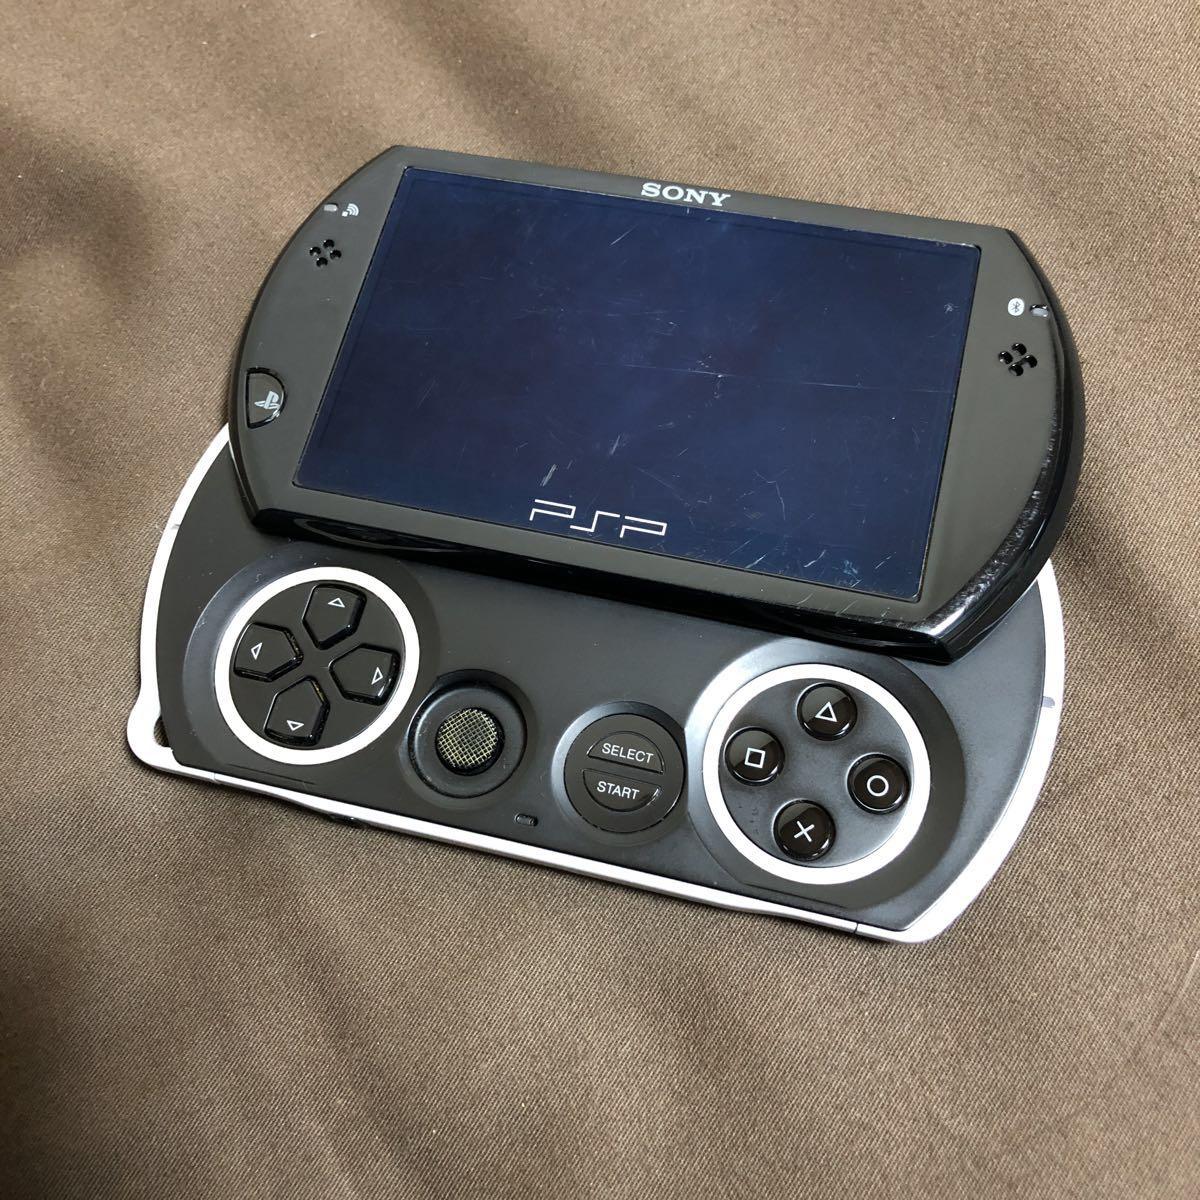 SONY ソニー PSP-N1000 PSP go 本体 ジャンク